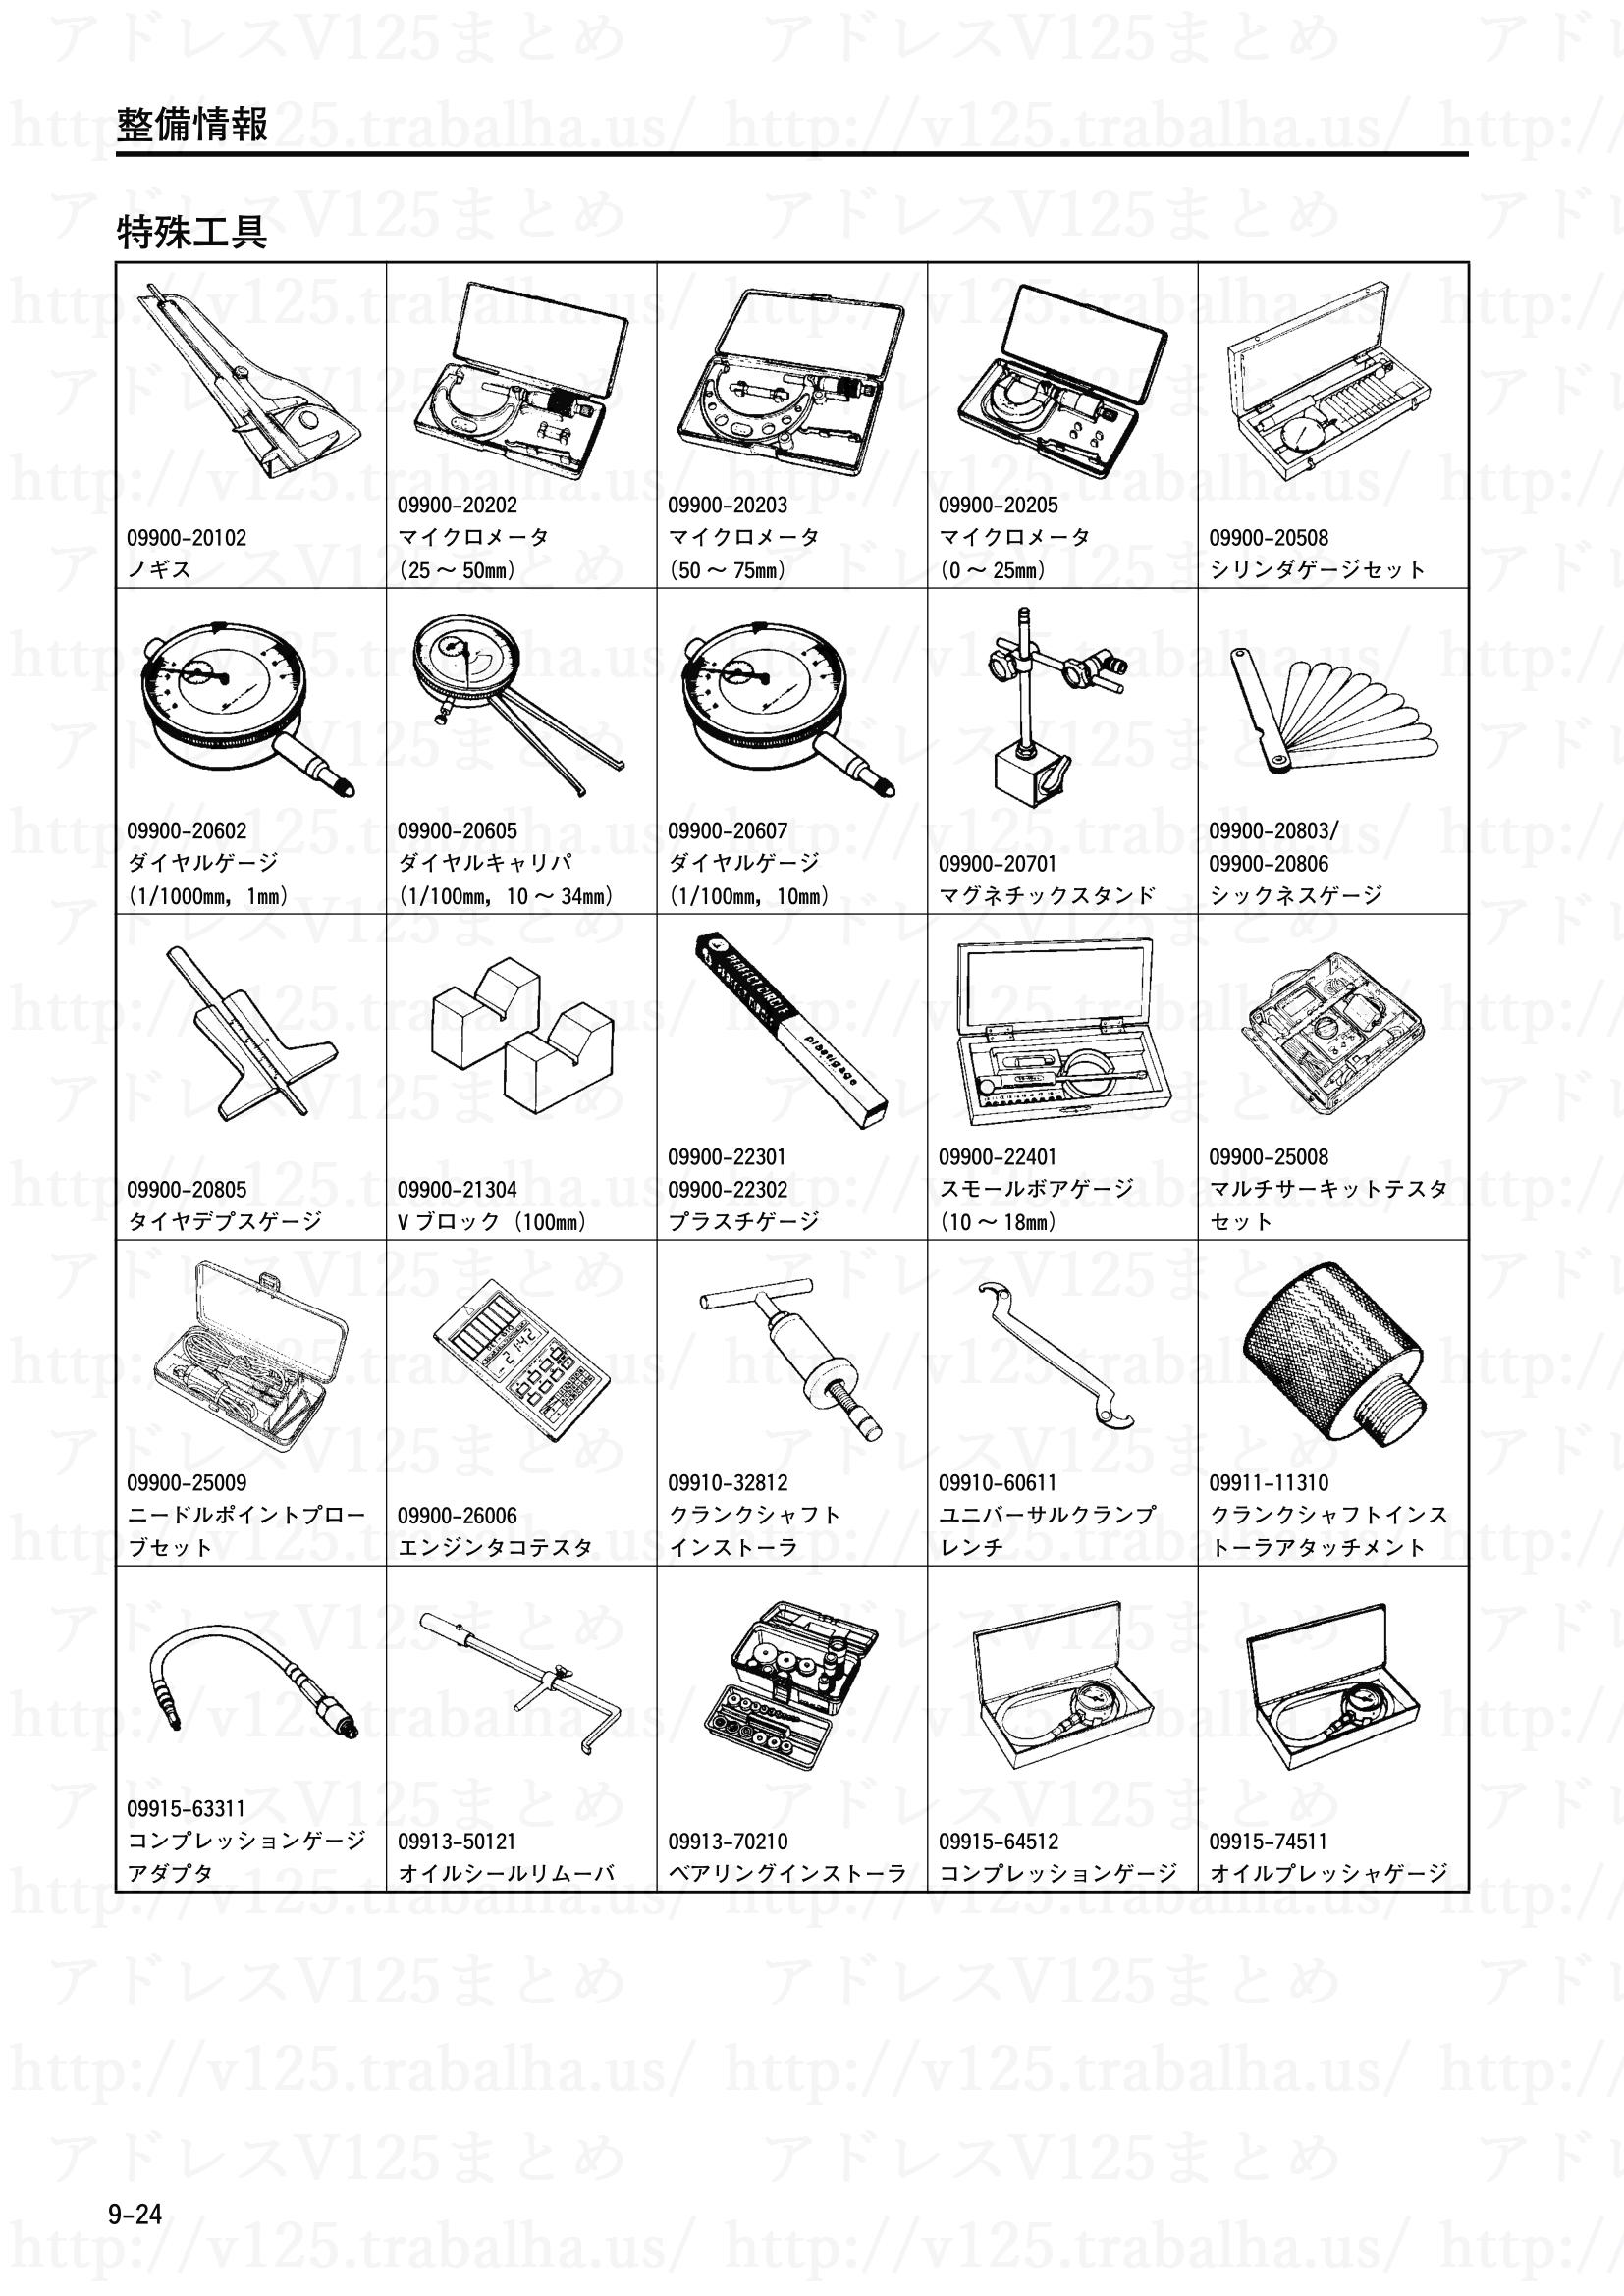 9-24【整備情報】特殊工具1